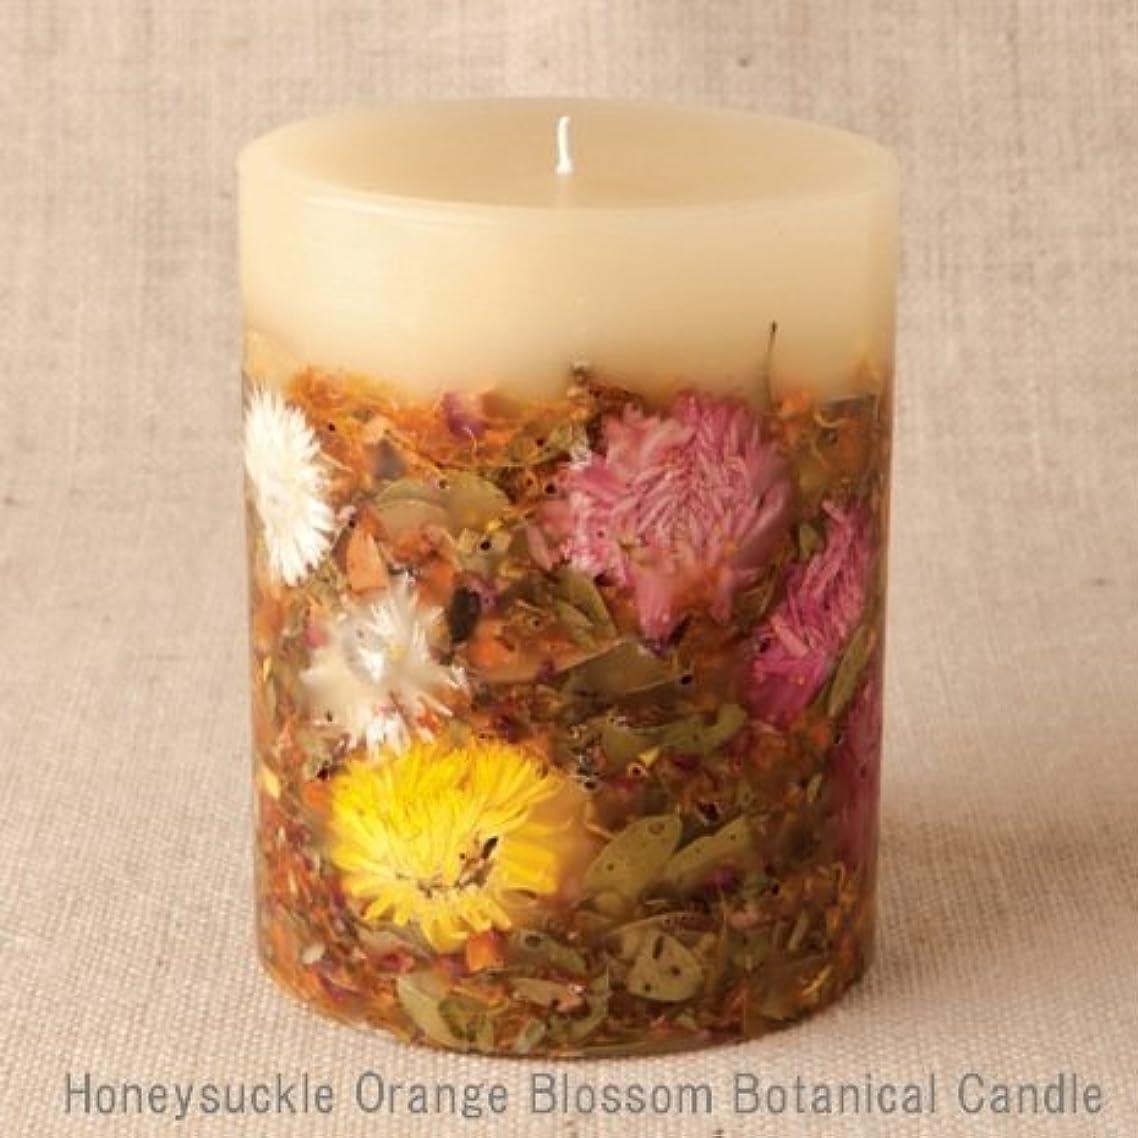 日光ルームホバート【Rosy Rings ロージーリングス】 Botanical candle キャンドル ハニーサックルオレンジ&ブロッサム